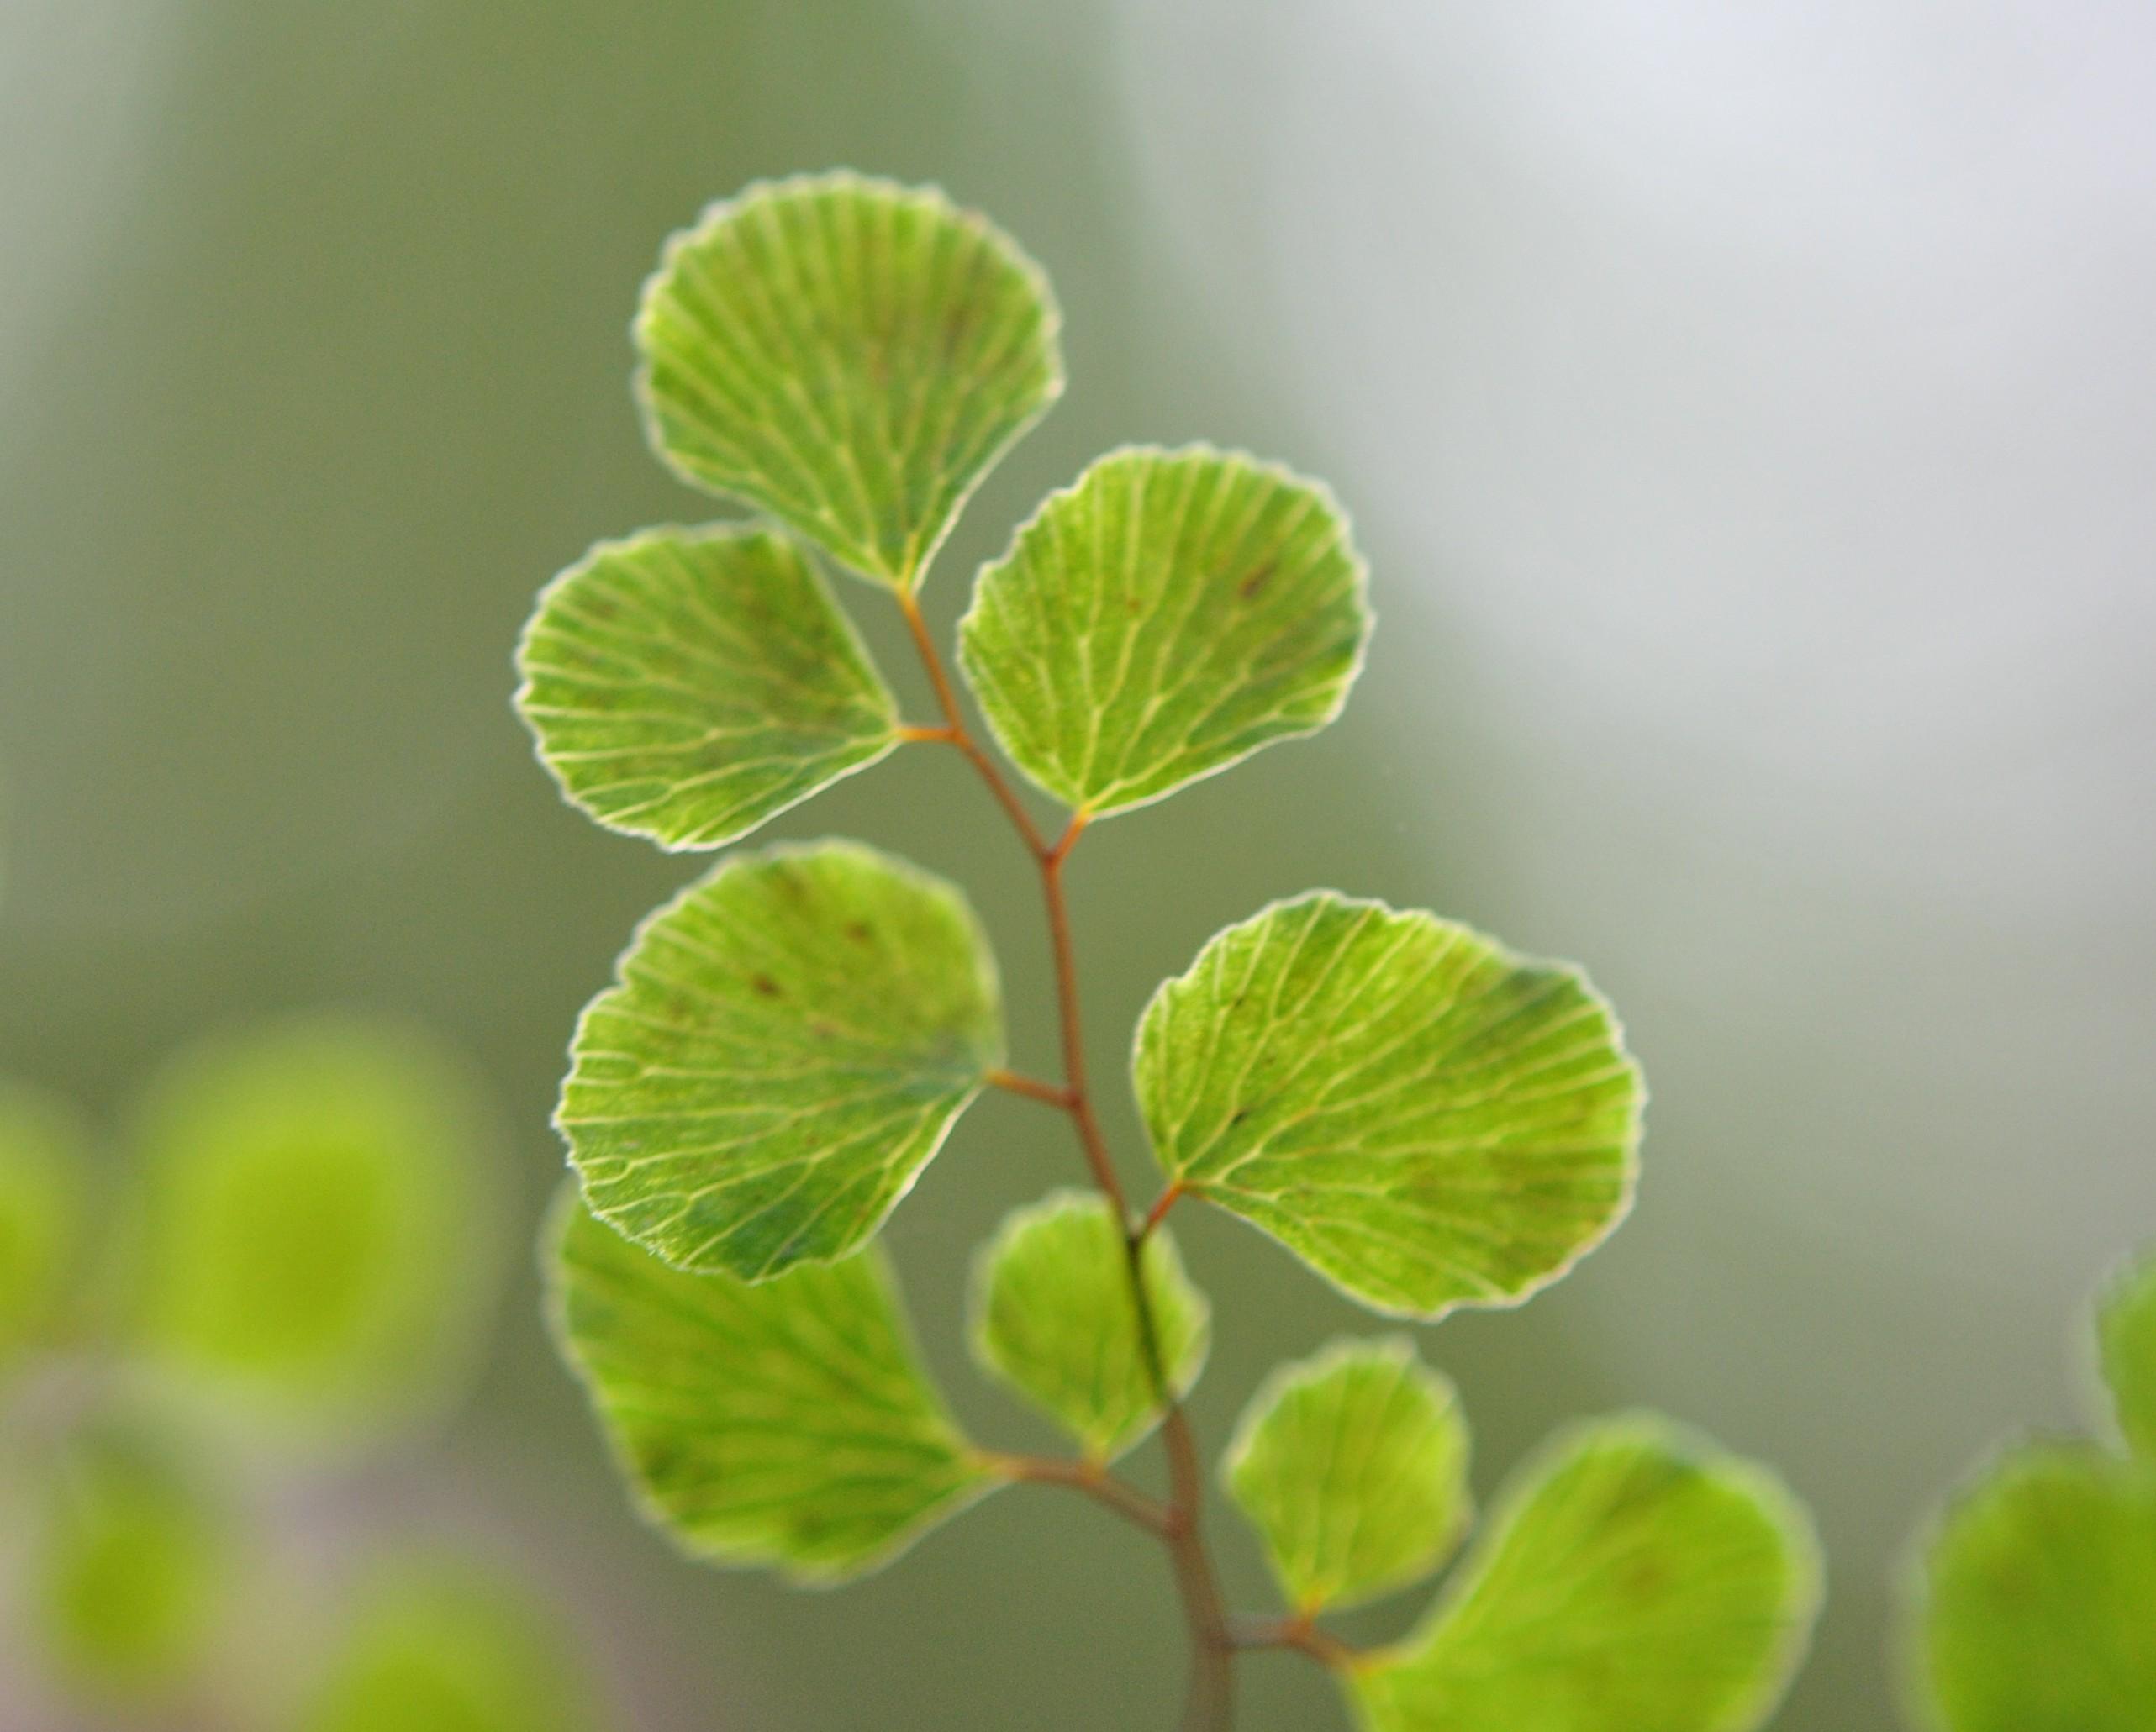 Adiantum aethiopicum